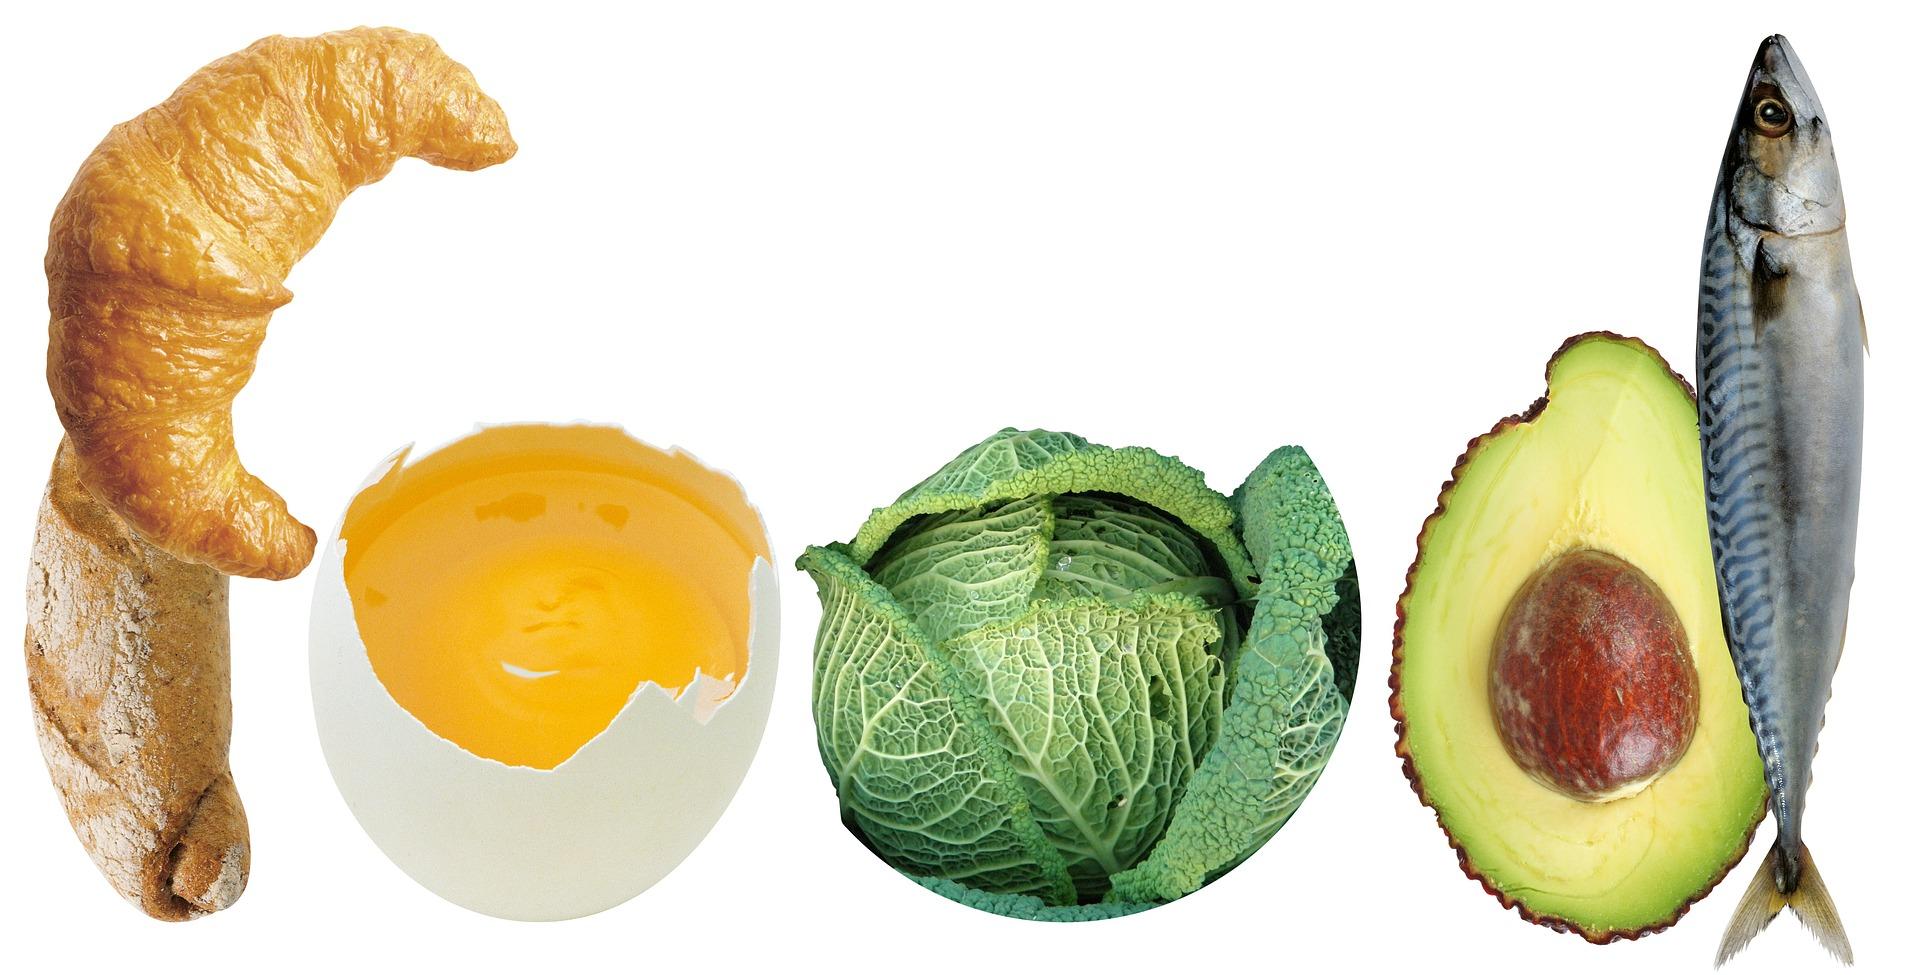 ¿Qué son las proteínas? Propiedades, su función y cómo intervienen en la dieta